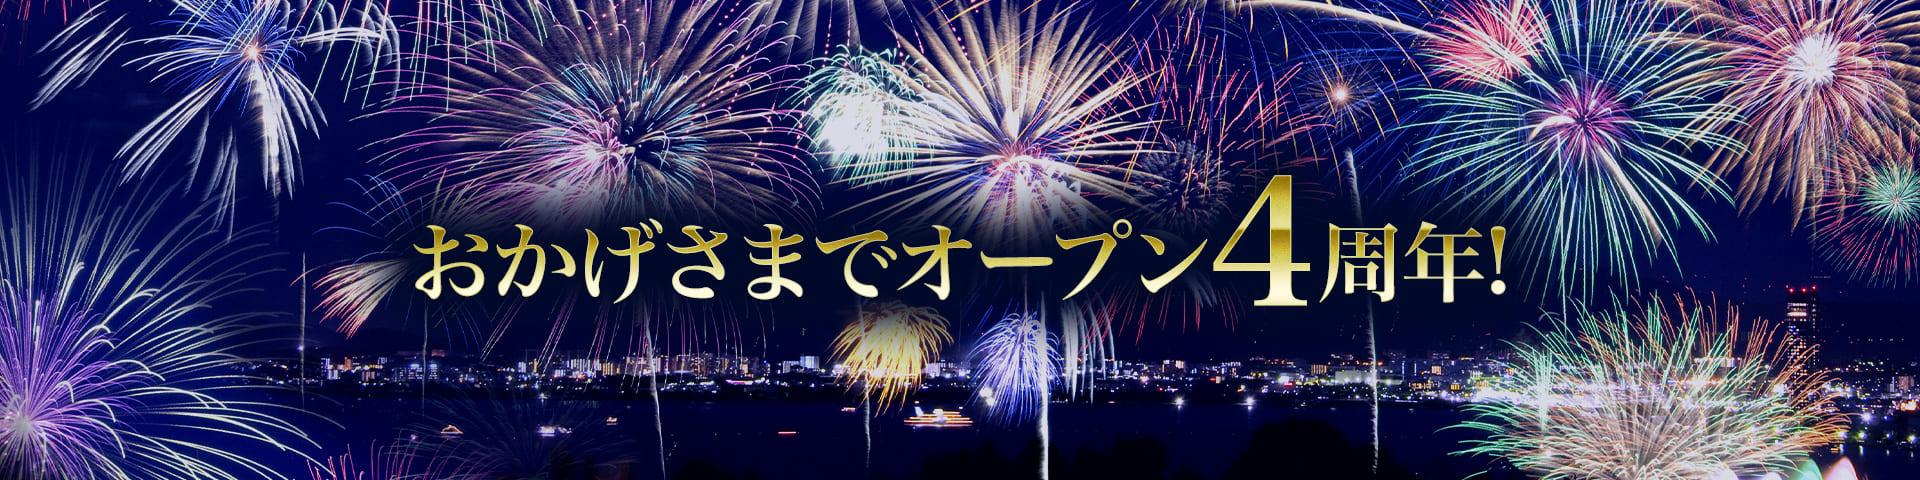 おかげさまでオープン4周年!